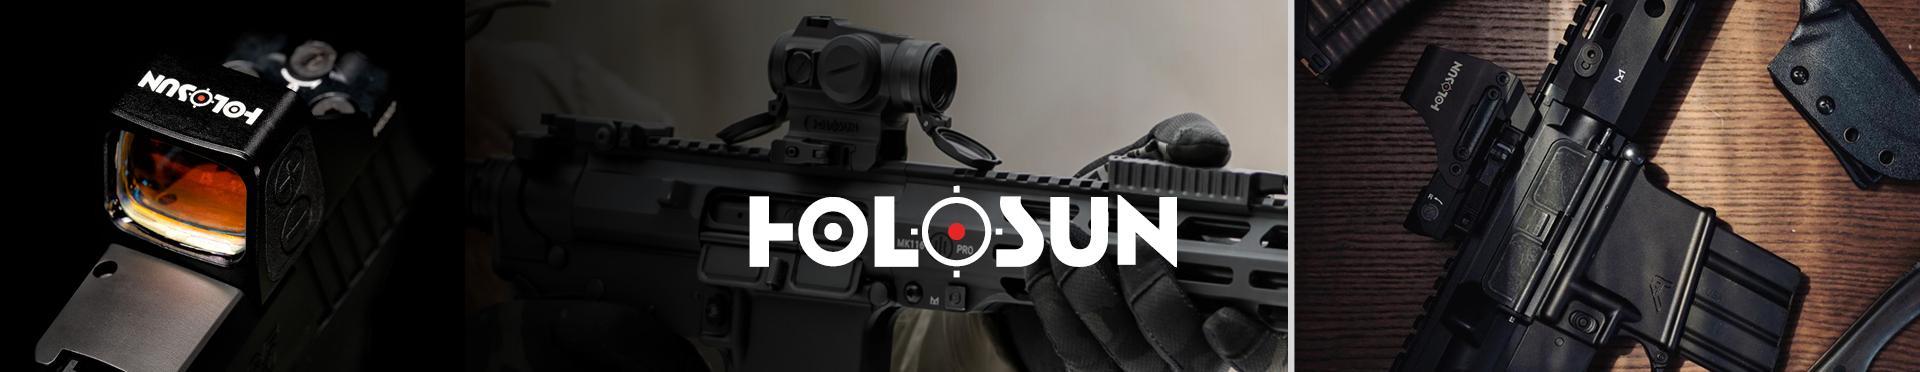 VOERE-X3